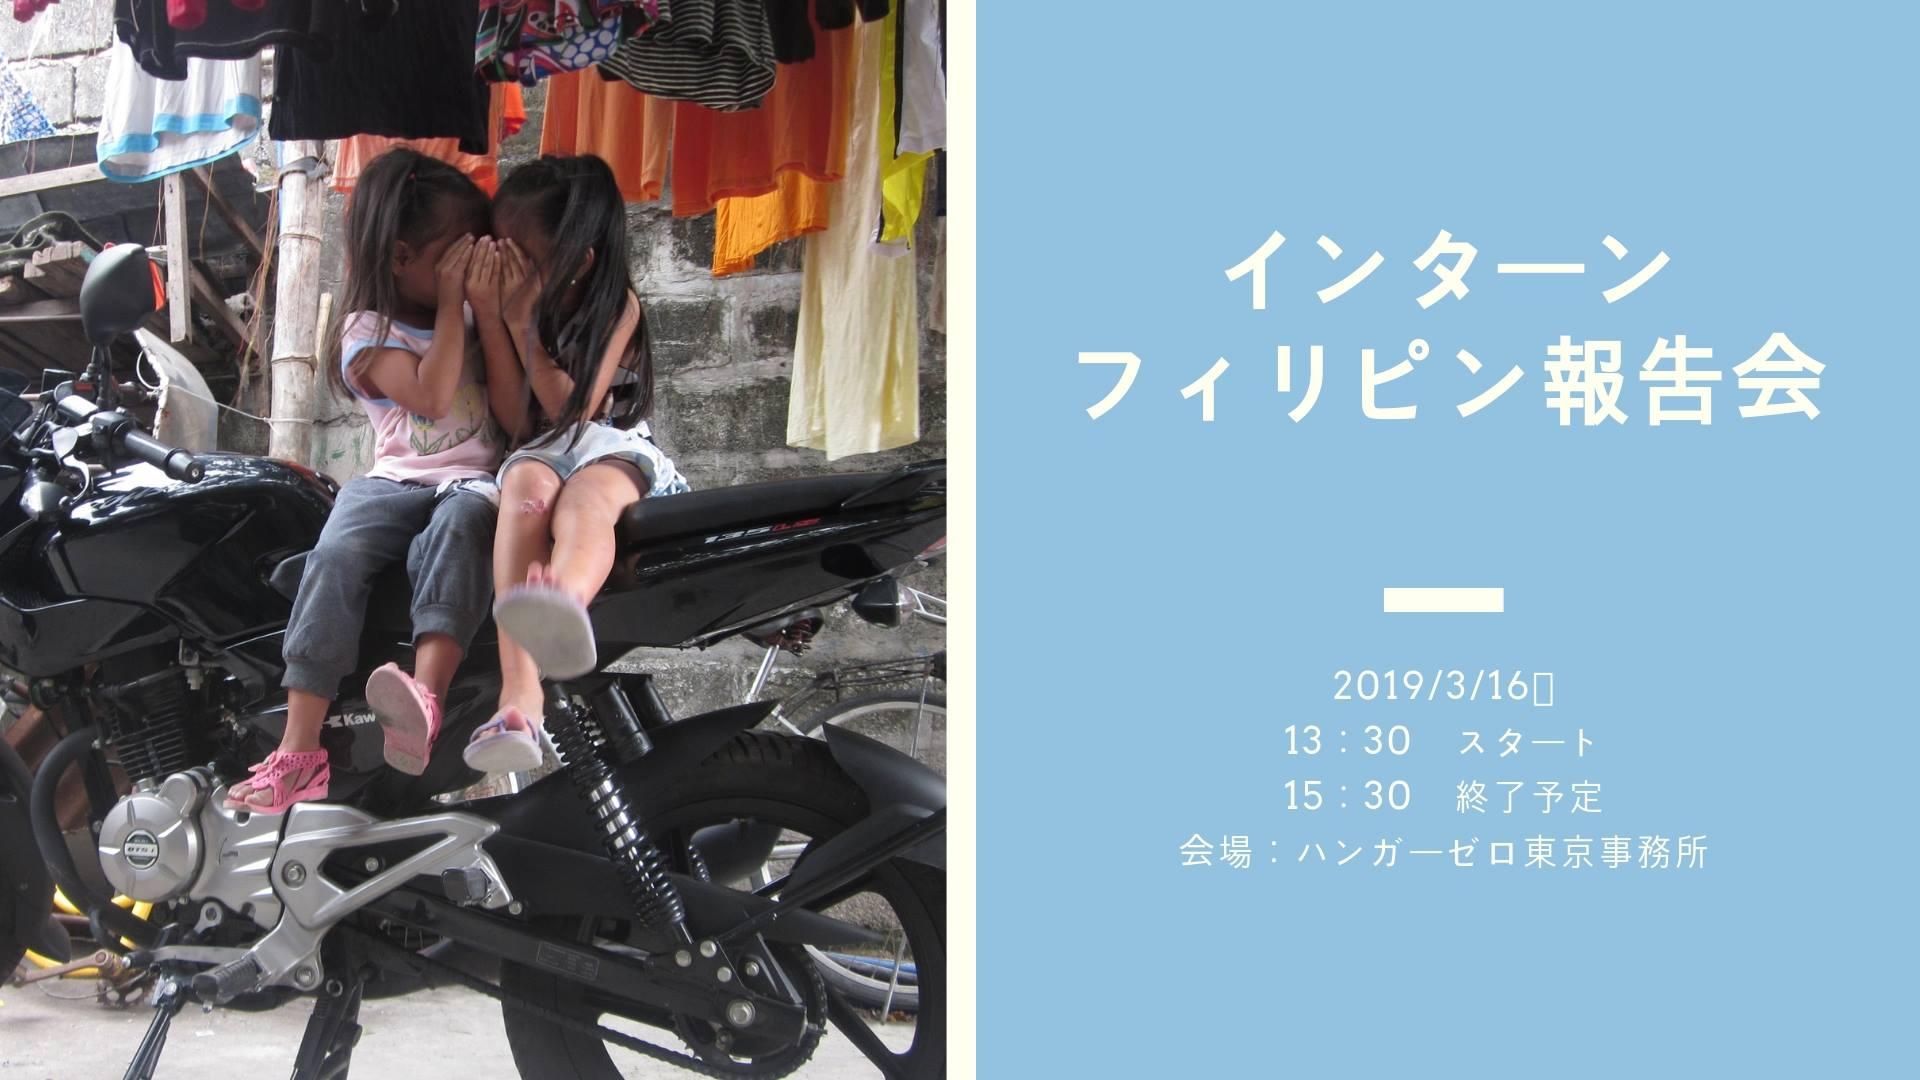 20190316フィリピン報告チラシFB用.jpg